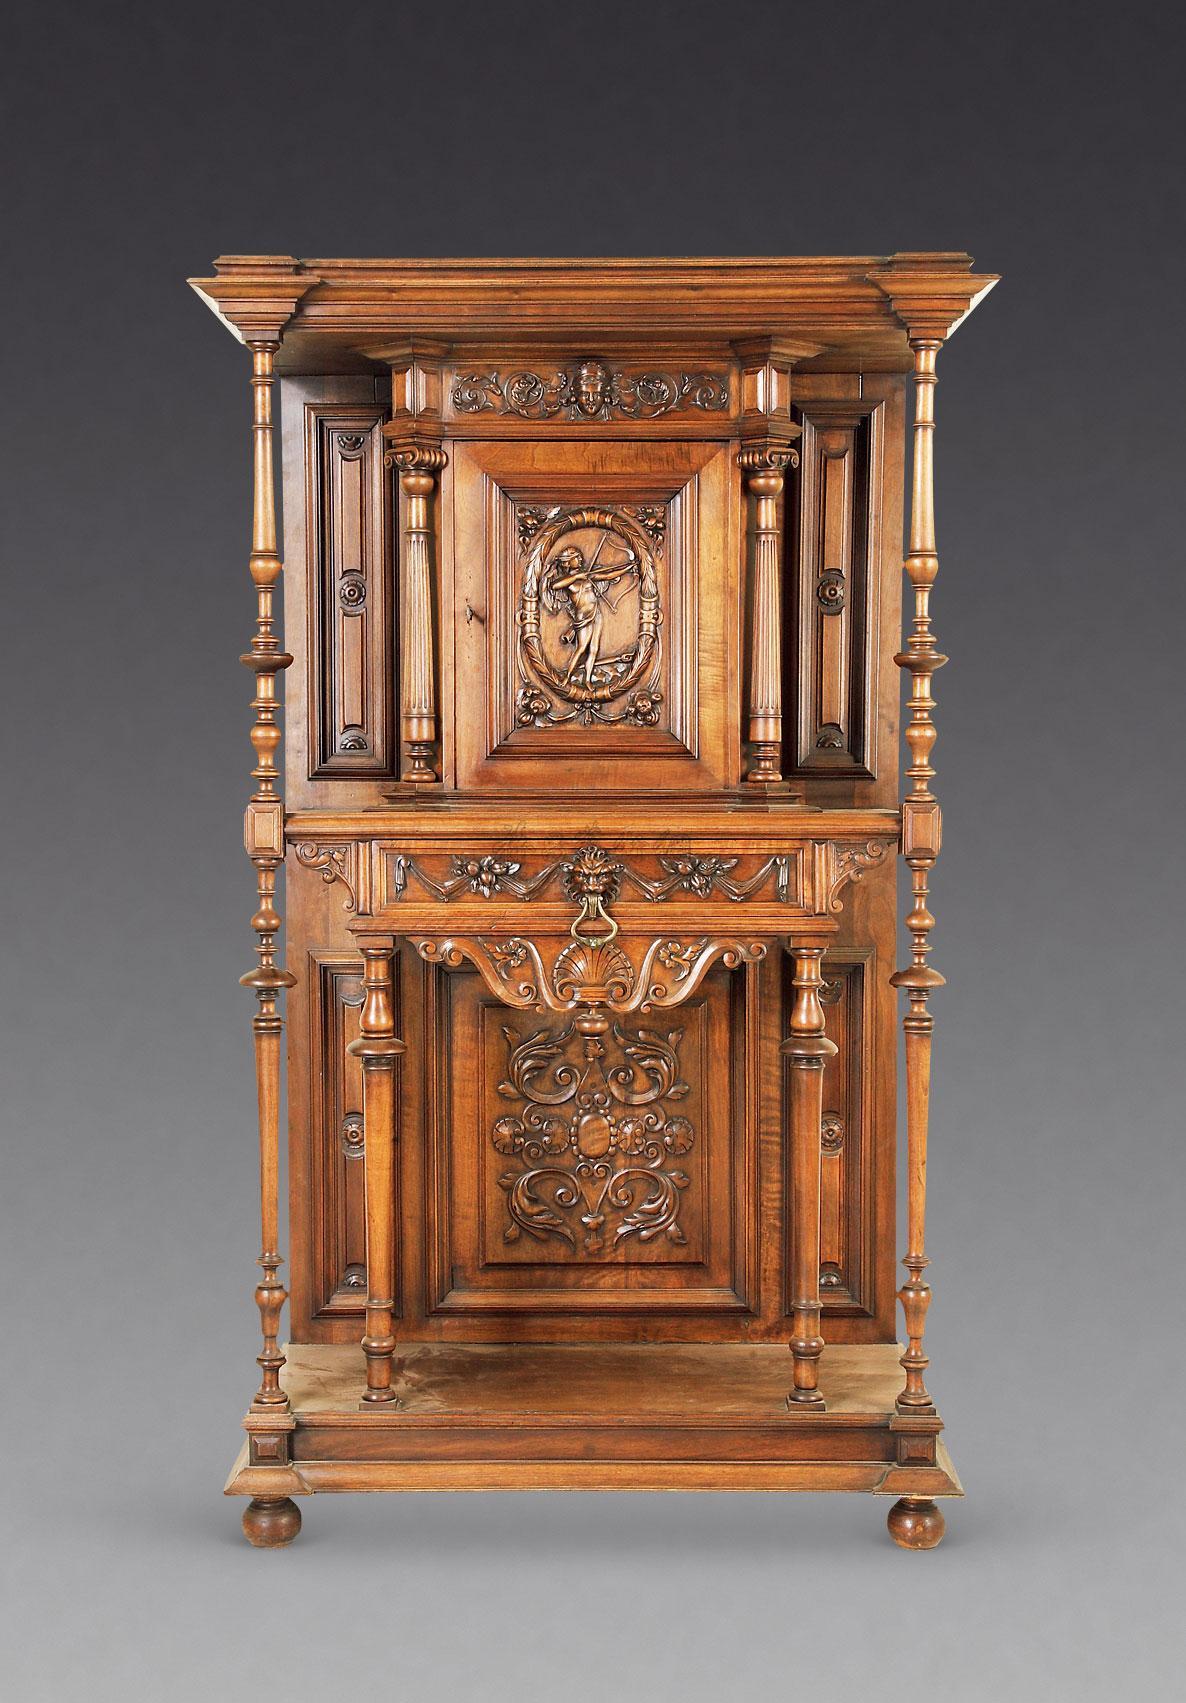 【法国欧式壁柜】拍卖品_图片_价格_鉴赏_古典家具_品